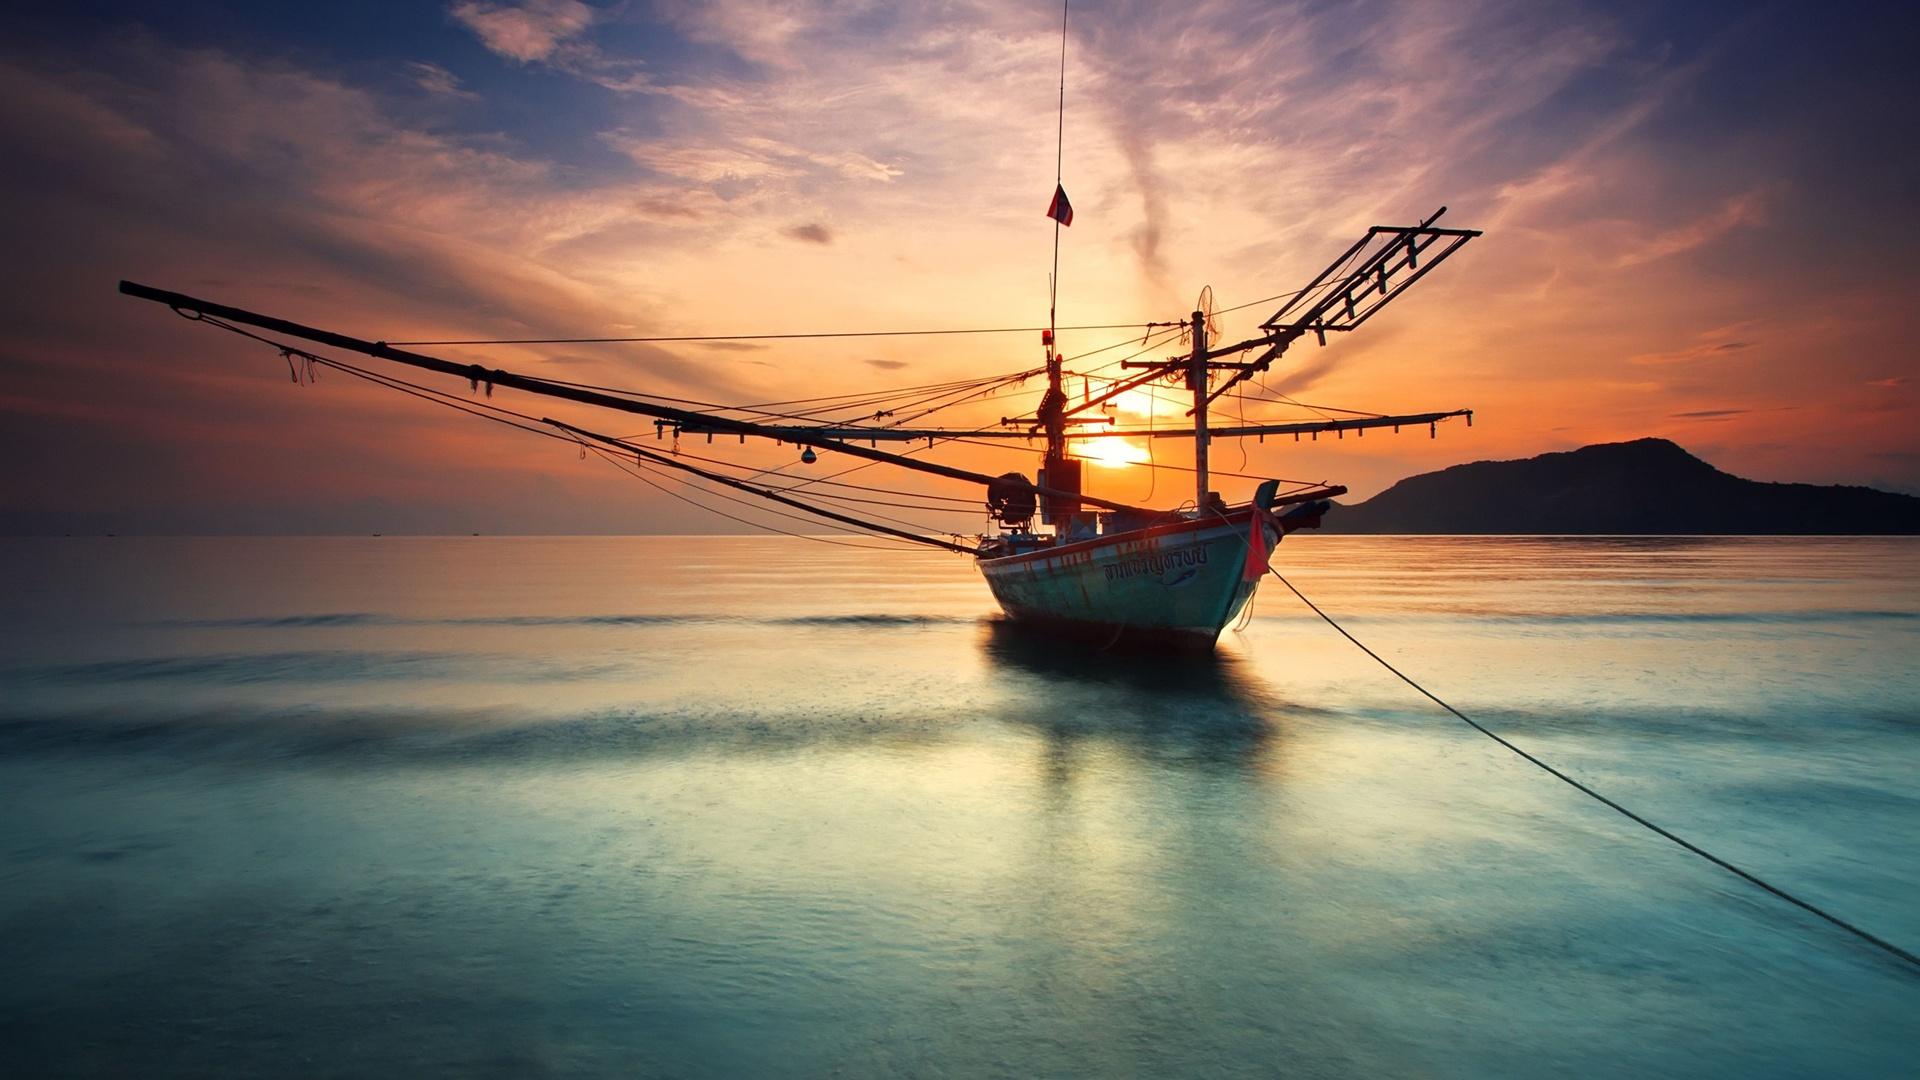 download 1920x1080 calm sea - photo #32